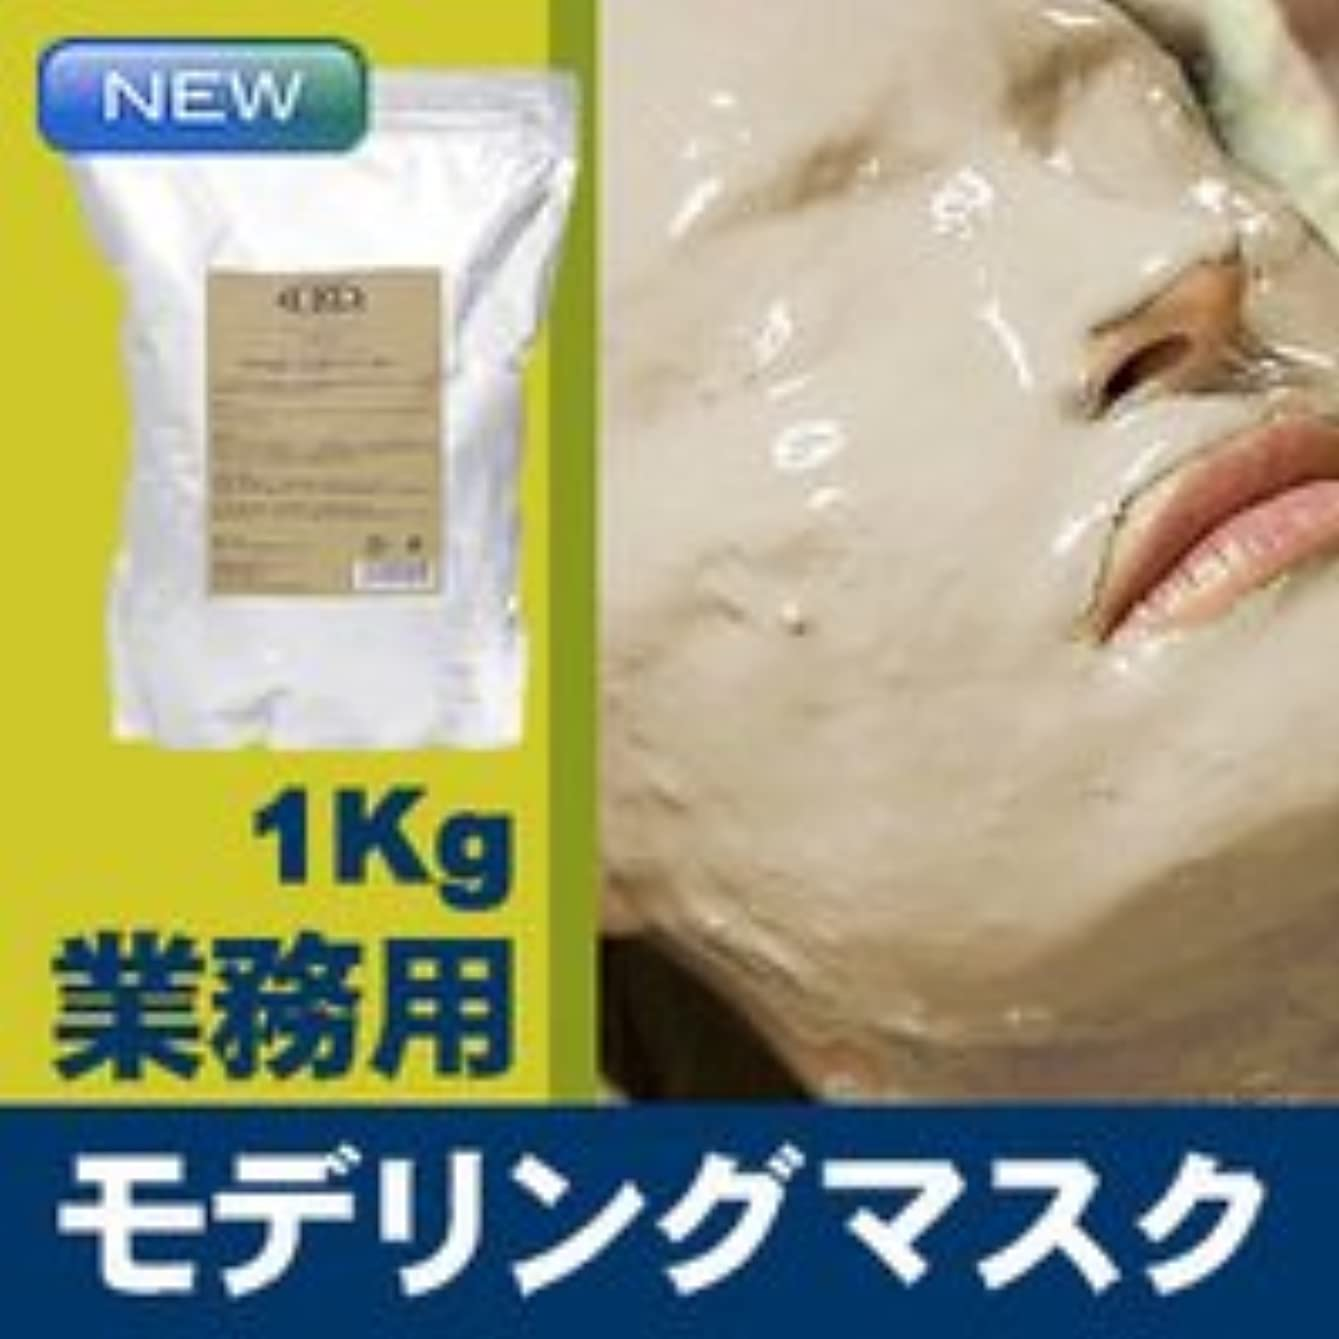 ケーブル作るハーネスモデリングマスク 1Kg 大量のシアル酸配合(チャーミングクリスタル) / フェイスマスク?パック 【ピールオフマスク】